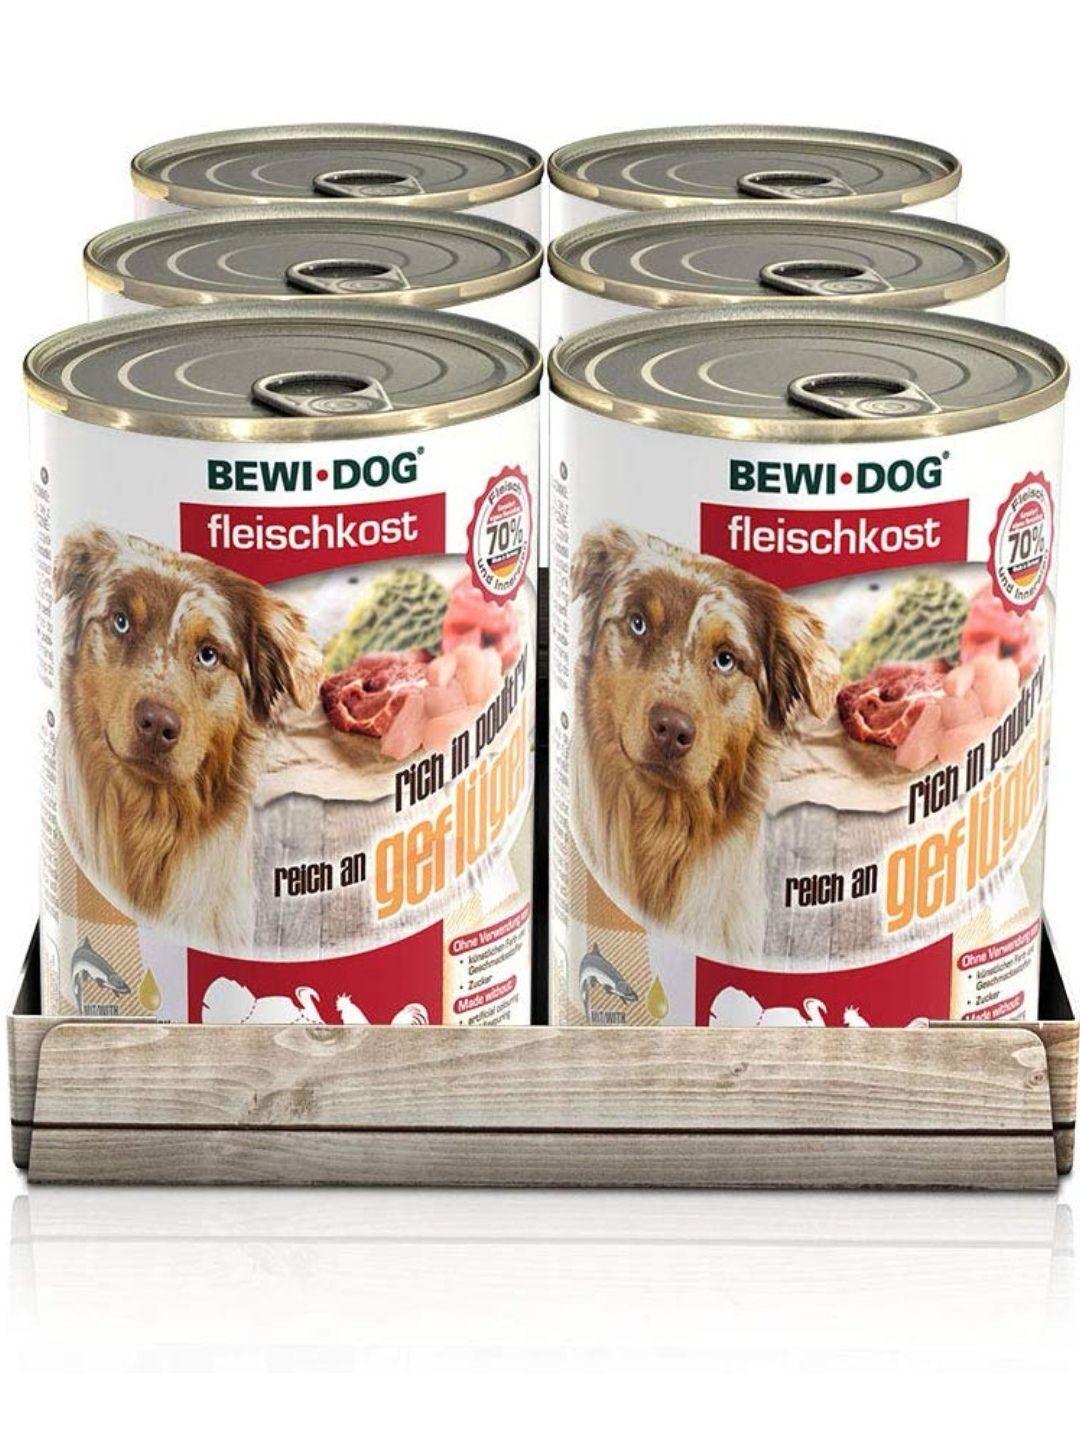 Amazon Prime -  6x Nassfutter für Hunde für 1,89€ (Versand 2-5 Wochen)